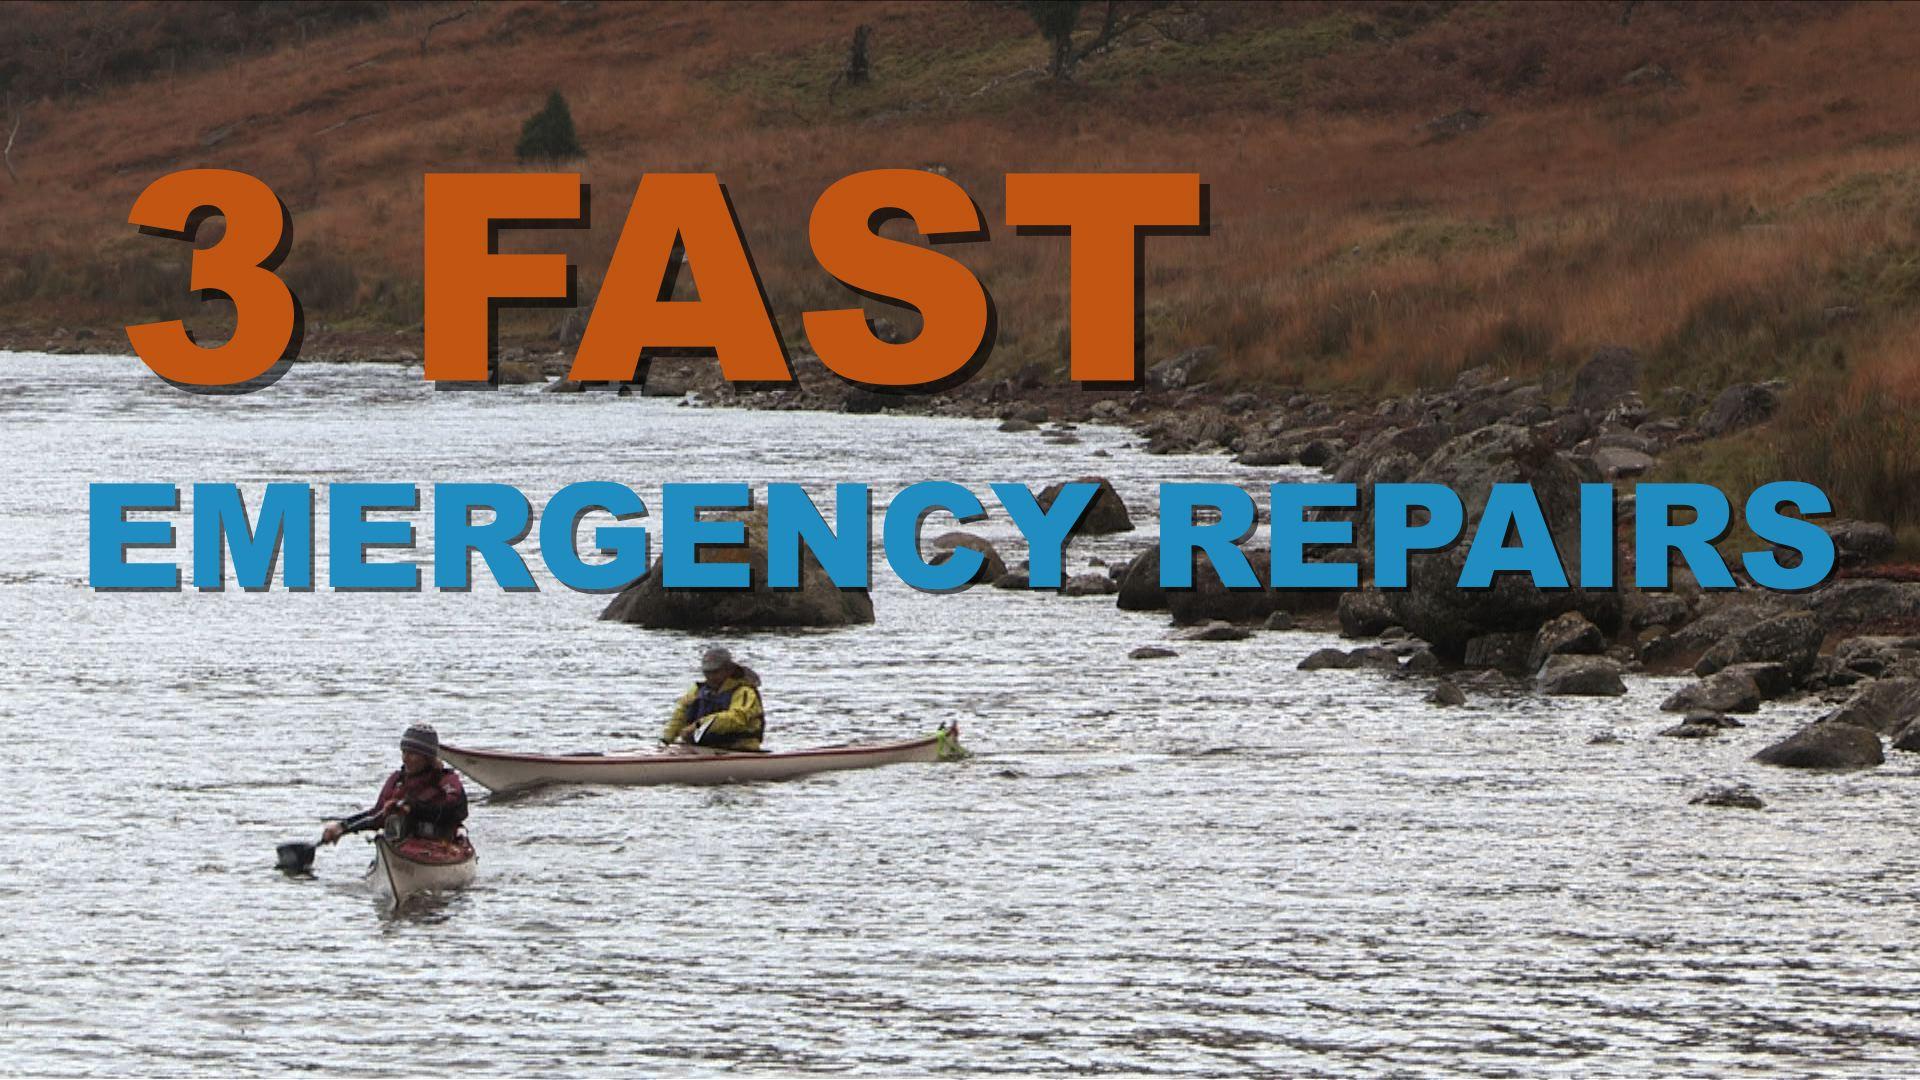 Artwork for 3 Fast Emergency Kayak Repairs